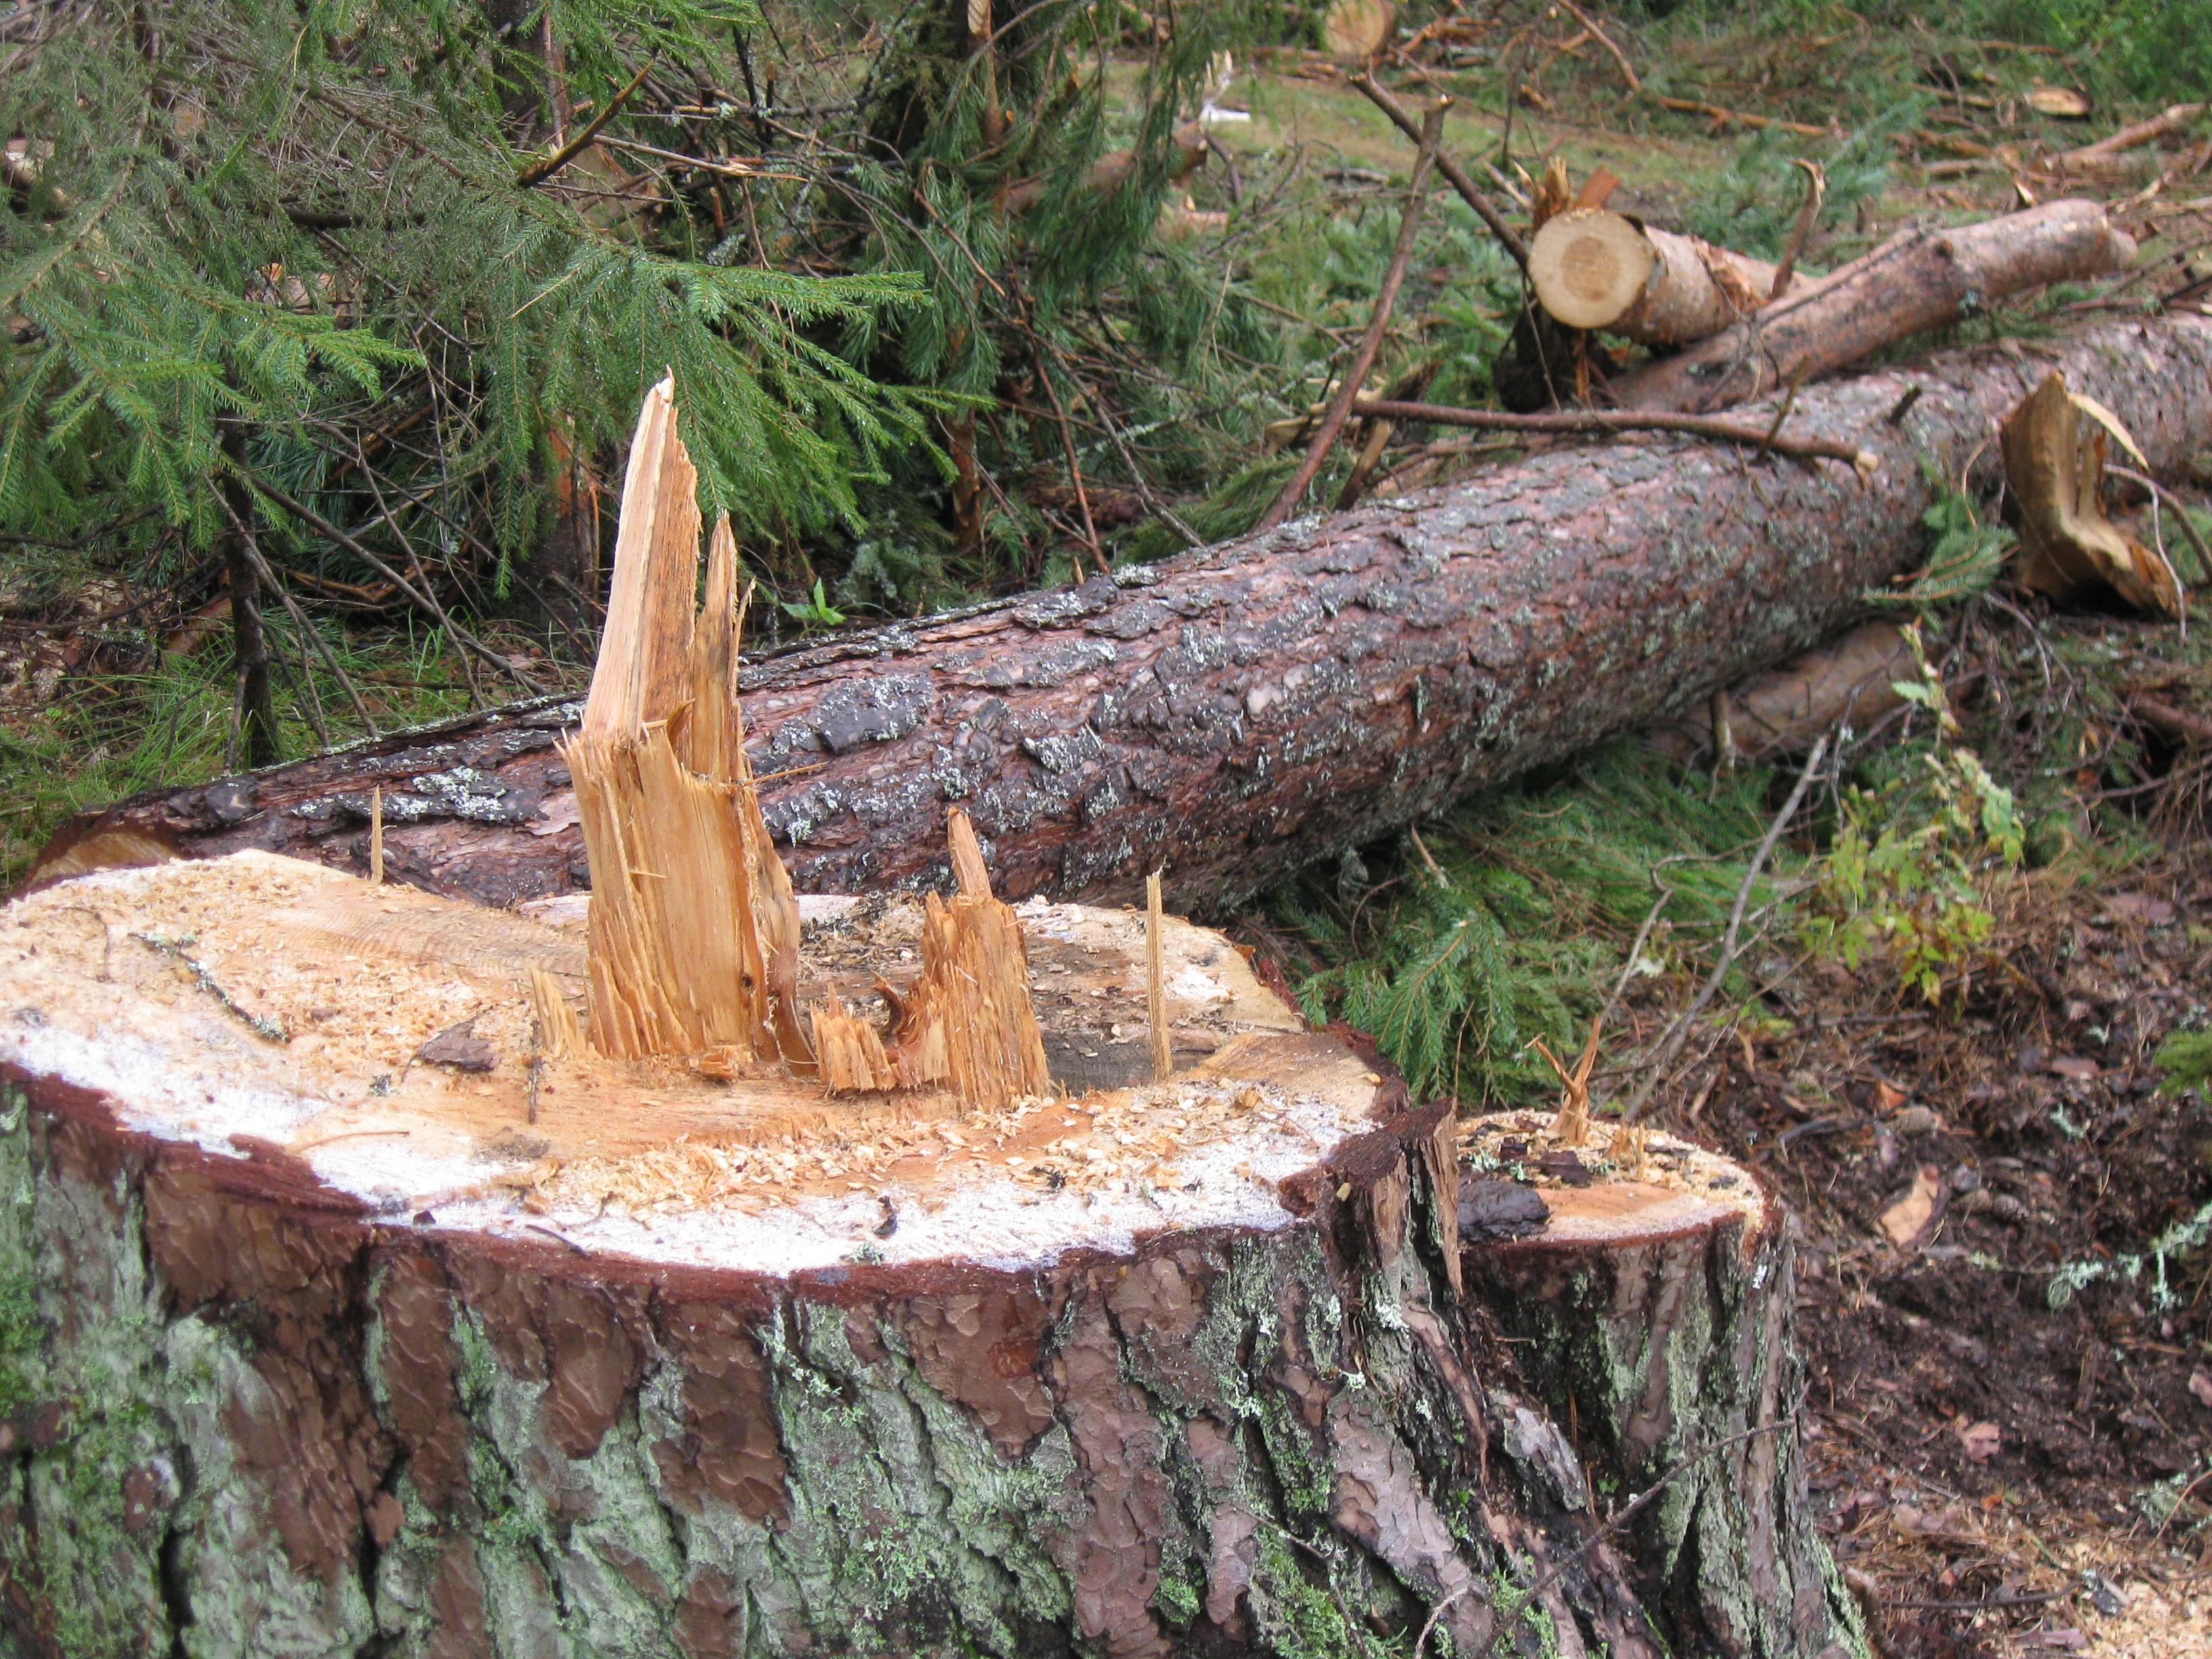 Ради каких целей вырубили реликтовый лес?